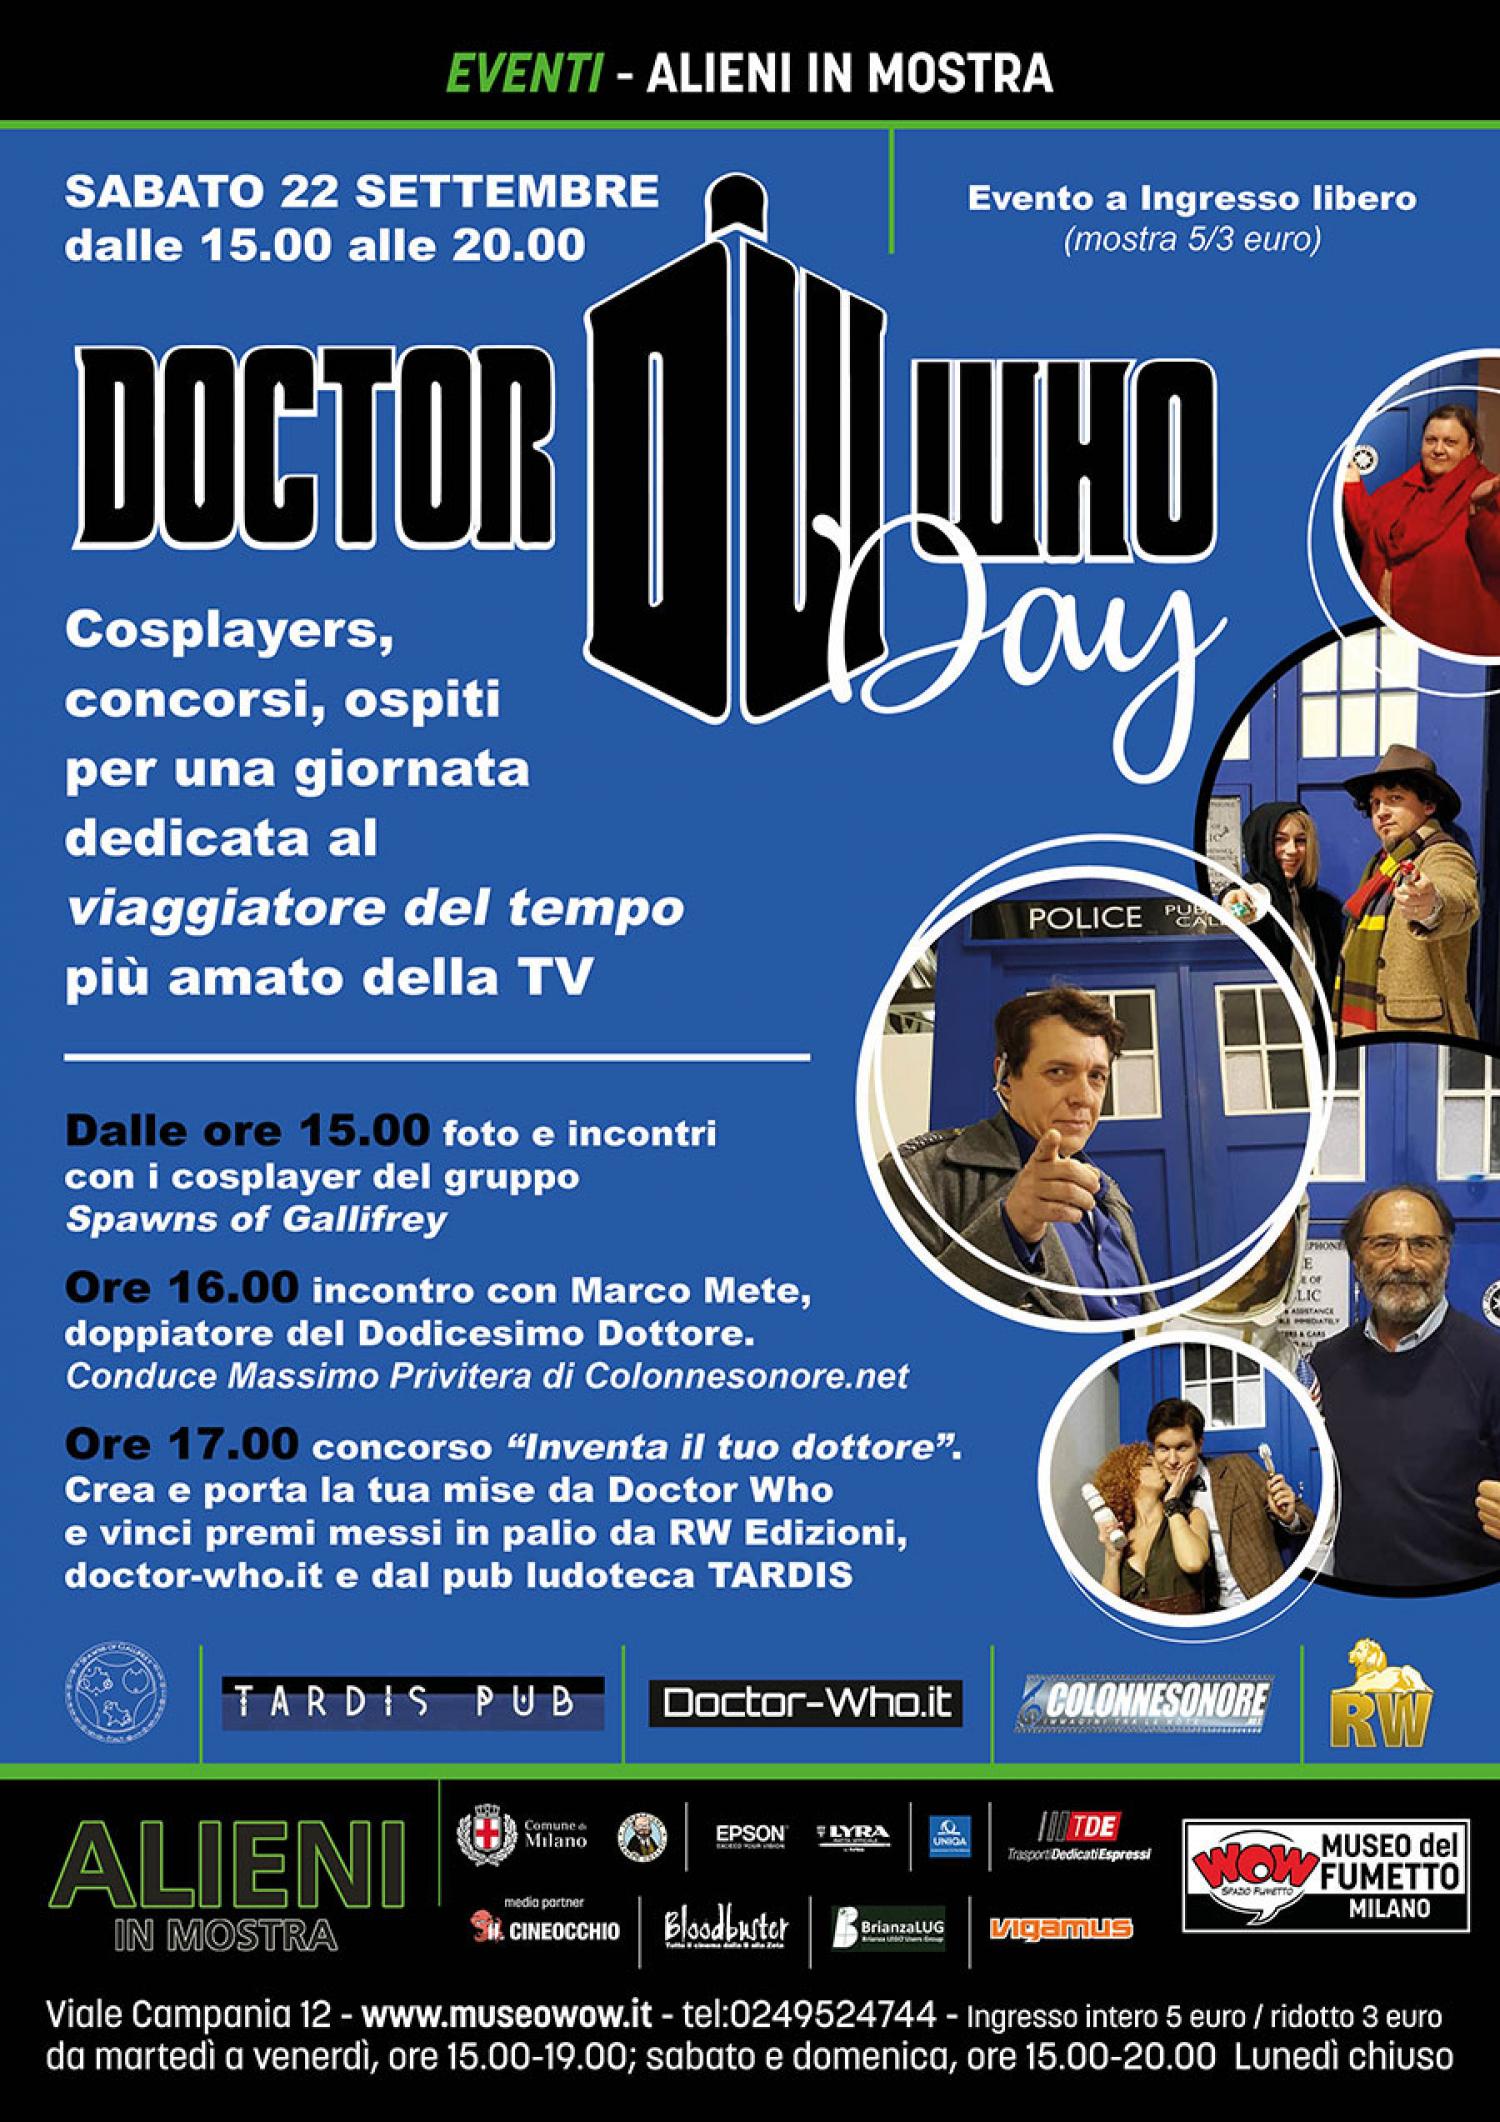 """<p><strong>In occasione della mostra <a target=""""_blank"""" href=""""http://www.museowow.it/wow/alieni-in-mostra/"""">Alieni</a>, WOW Spazio Fumetto dedica un&rsquo;intera giornata a <a target=""""_blank"""" href=""""https://www.doctorwho.tv/"""">Doctor Who</a></strong>, la serie televisiva pi&ugrave; longeva di sempre, con 55 anni di trasmissioni quasi ininterrotte e milioni di fan in tutto il mondo. <strong>Sabato 22 settembre dalle ore 15:00 il piano terra del museo si animer&agrave; dei vari alieni e dei personaggi della serie televisiva, grazie alla collaborazione del fan club <a target=""""_blank"""" href=""""https://www.facebook.com/SpawnsofGallifrey/"""">Spawns of Gallifrey</a></strong>, che porter&agrave; figuranti, costumi, oggetti, creature di tutti i tipi provenienti dai mondi che il Dottore ha visitato. <strong>Durante il pomeriggio sar&agrave; presente il doppiatore Marco Mete, voce italiana di Peter Capaldi</strong>, il Dodicesimo Dottore, <strong>e sar&agrave; organizzato il concorso di cosplayer &ldquo;Inventa il tuo Dottore&rdquo;, in collaborazione con la casa editrice <a target=""""_blank"""" href=""""http://www.rwedizioni.it/"""">RW Lion</a></strong>&nbsp;(che pubblica i fumetti ispirati alla serie), <strong>il sito <a target=""""_blank"""" href=""""http://www.doctor-who.it/"""">doctor-who.it</a> e il <a target=""""_blank"""" href=""""https://www.facebook.com/tardispubmilano/"""">pub TARDIS</a></strong>, locale milanese a tema Doctor Who. <strong>Doctor Who</strong> &egrave; una serie fantascientifica britannica, prodotta e trasmessa da BBC dal 1963 a oggi quasi senza interruzioni. Il protagonista &egrave; un alieno di cui non si conosce il nome &ndash; noto infatti solo come Doctor Who, &ldquo;Dottor chi&rdquo; - che proviene dal pianeta Gallifrey, patria dei Time Lords. Viaggia a bordo del TARDIS (Time And Relative Dimension In Space), un&rsquo;astronave e macchina del tempo a forma di cabina blu della polizia londinese. Il Dottore ha la capacit&agrave; di rigenerarsi in punto di morte, cambiando volto e aspetto"""